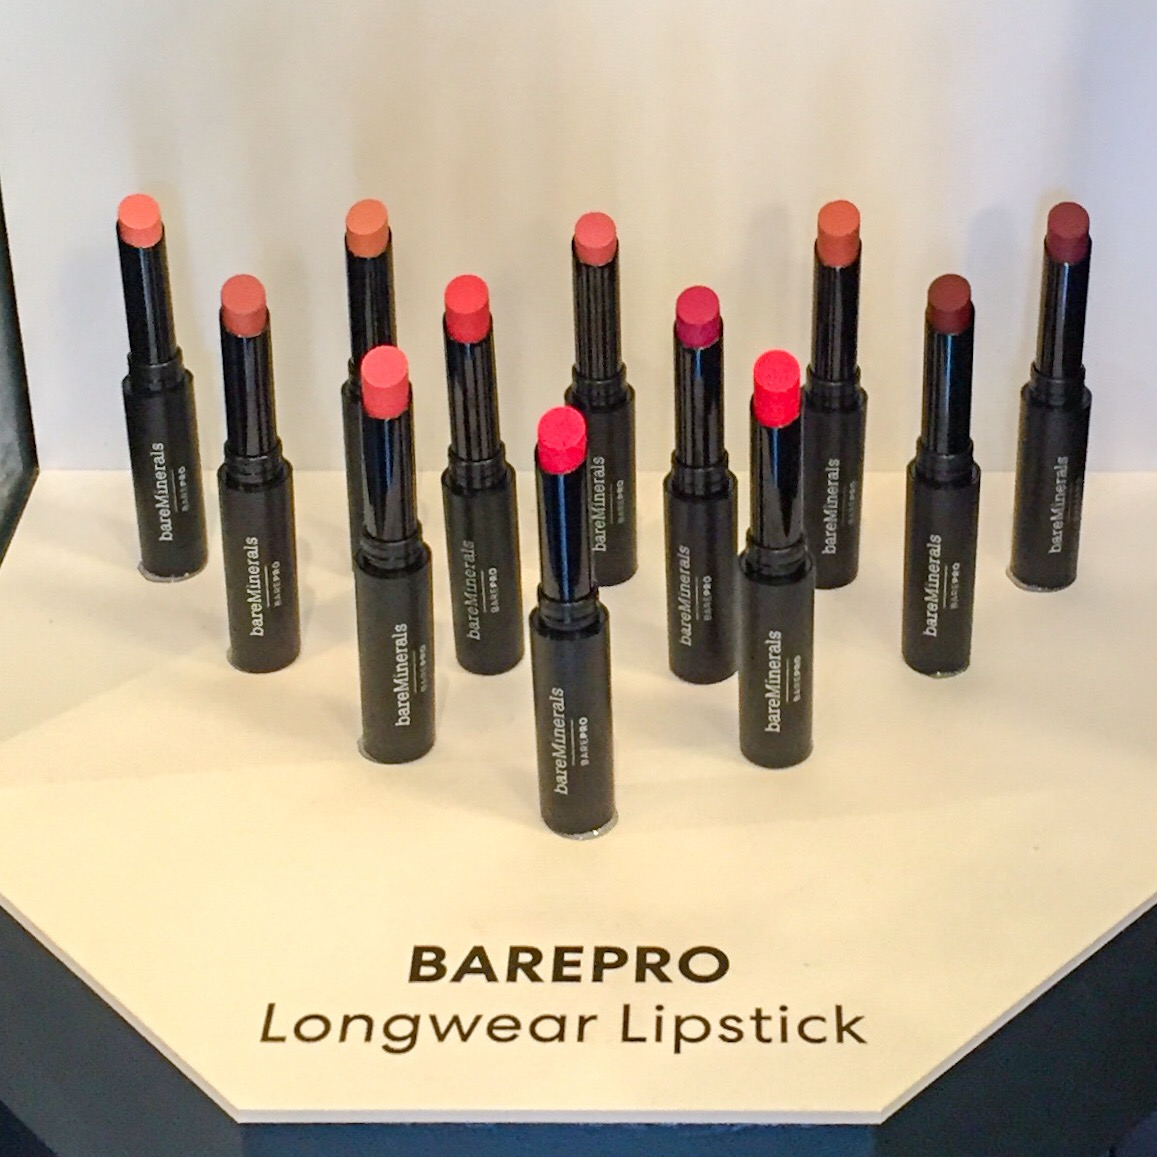 おすすめ新作リップ特集《2019年版》- 人気ブランドの口紅 ルージュの新色、リップケアアイテムまとめPhoto Gallery_1_33